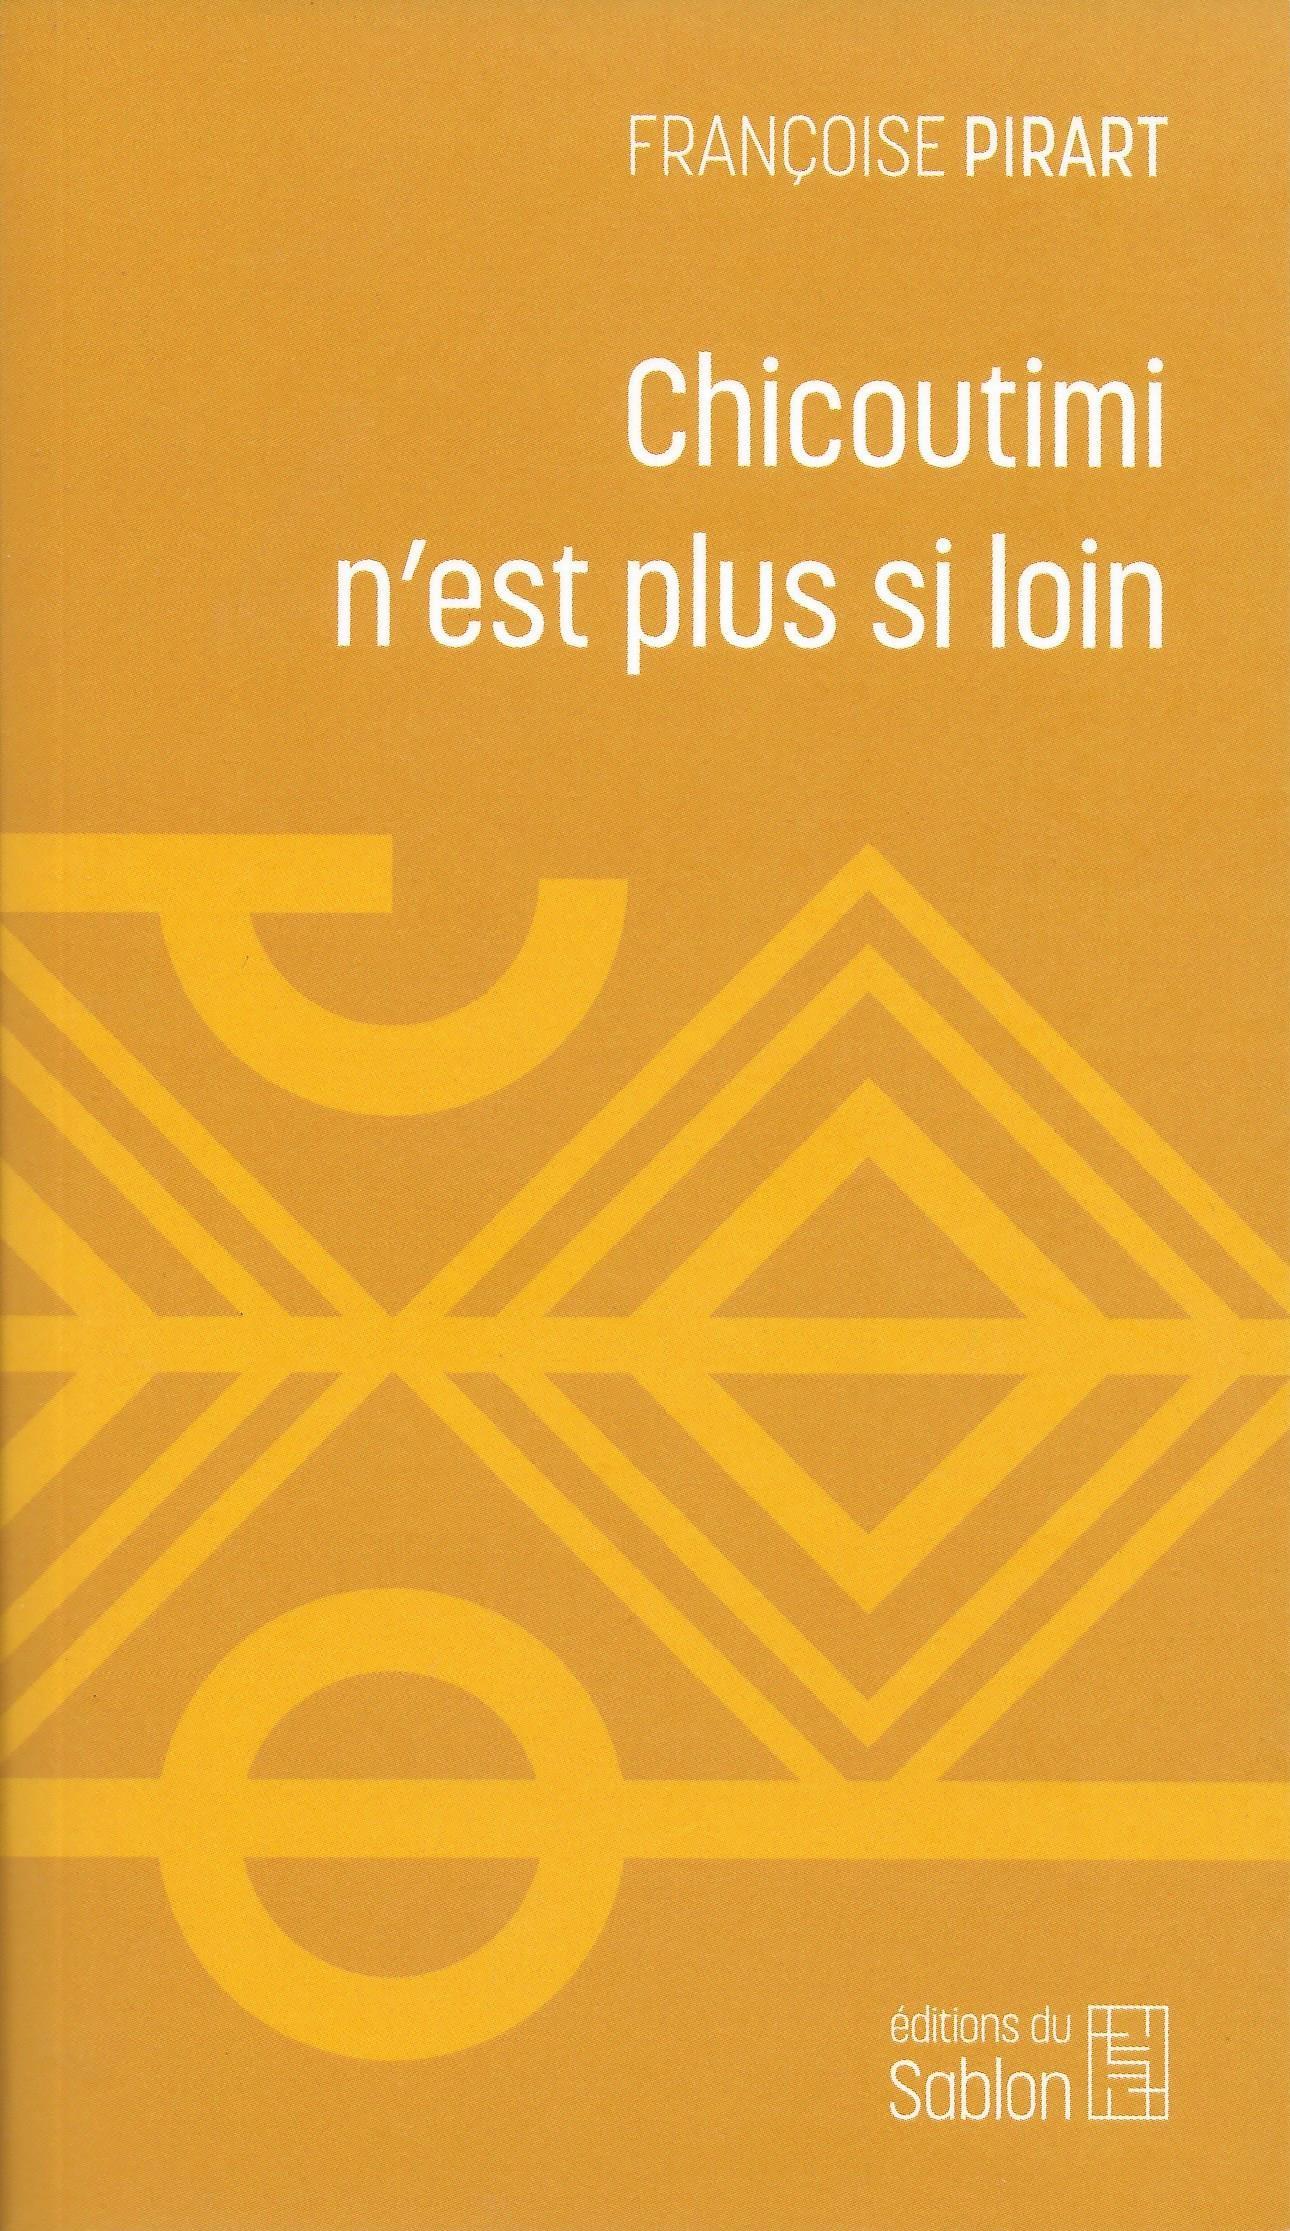 FRANÇOISE PIRART - Chicoutimi n'est plus si loin (réédition)